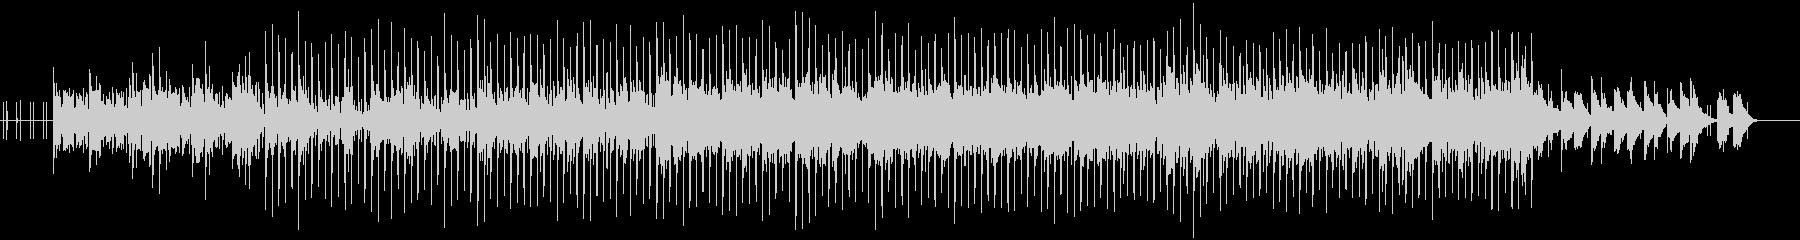 ピアノを使ったオシャレなエレクトロニカの未再生の波形